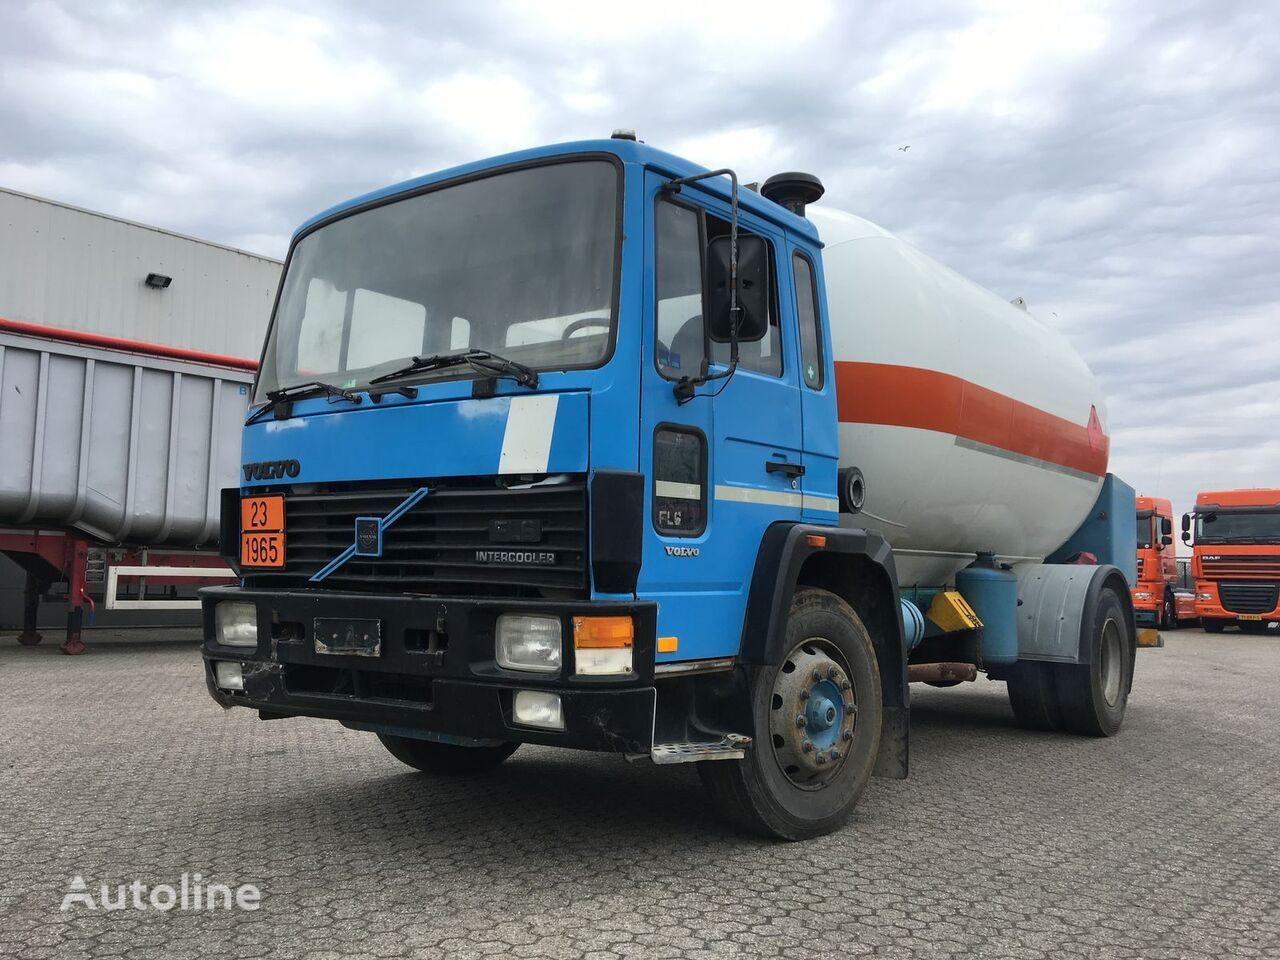 VOLVO Volvo Gas - Gaz - ADR 2 - 16.000ltr - 25Bar - P25BH gas truck